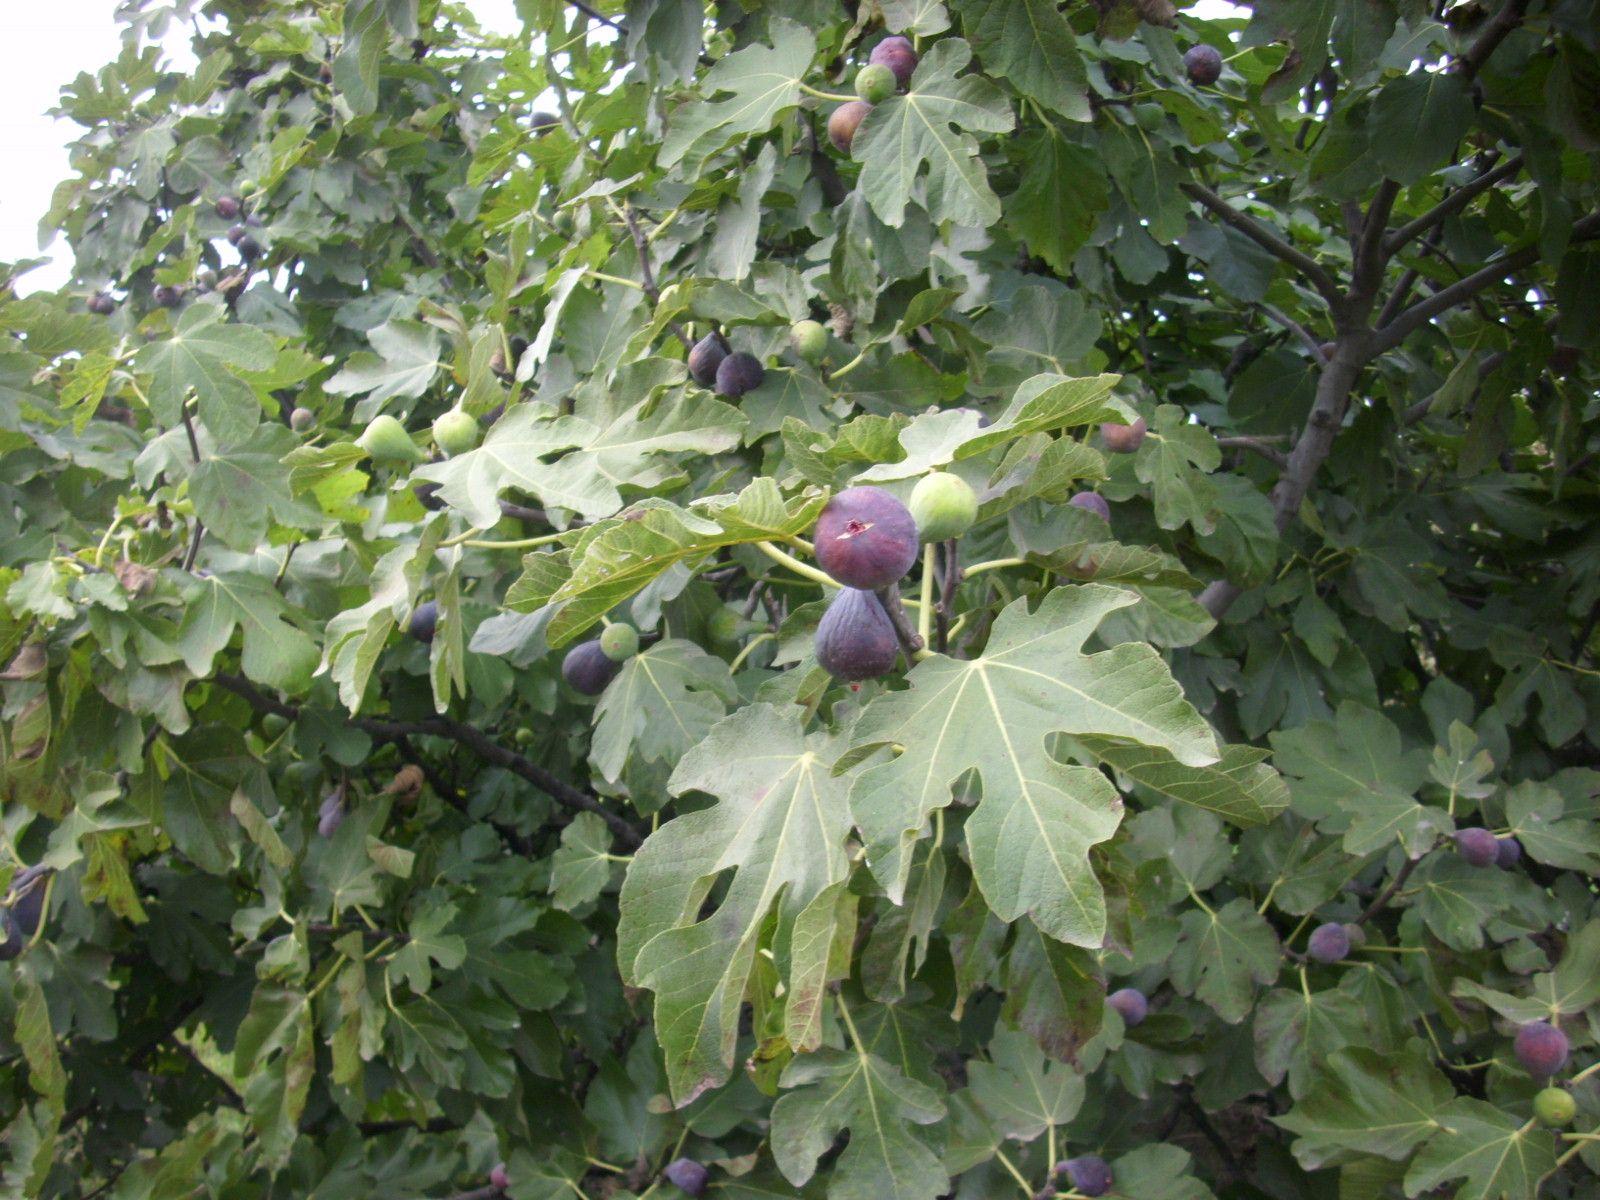 Figues - Figs - Higos  @ Camps Aladesa - Sant Feliu de Llobregat